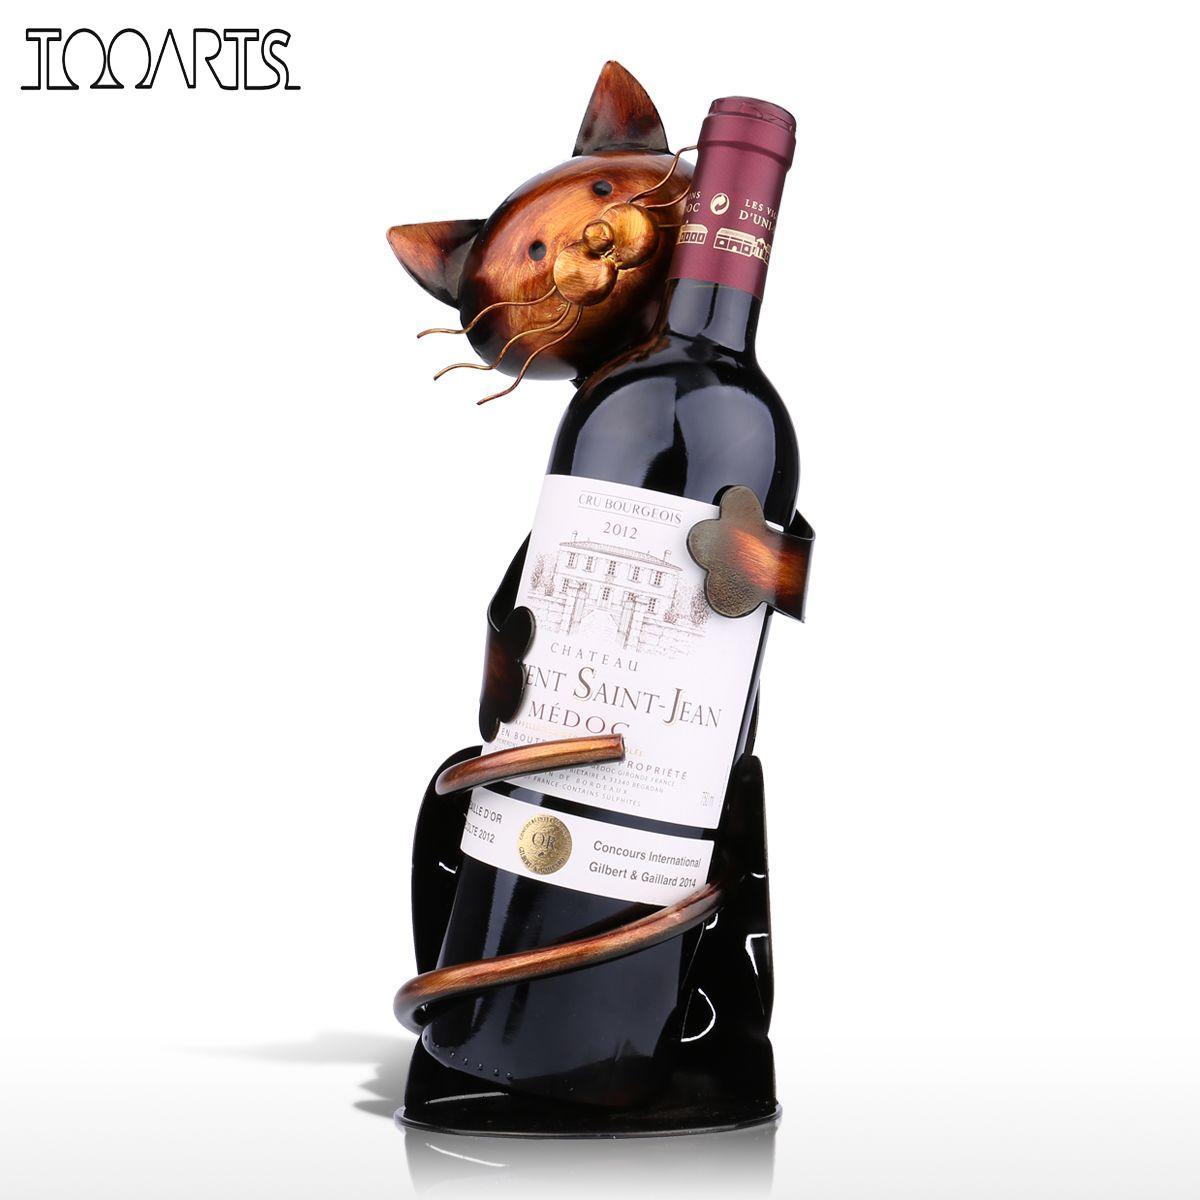 TOOARTS Katze Wein Rack Wein Halter Regal Metall Praktische Skulptur Wein stand Home Dekoration Innen Handwerk Weihnachten Geschenk